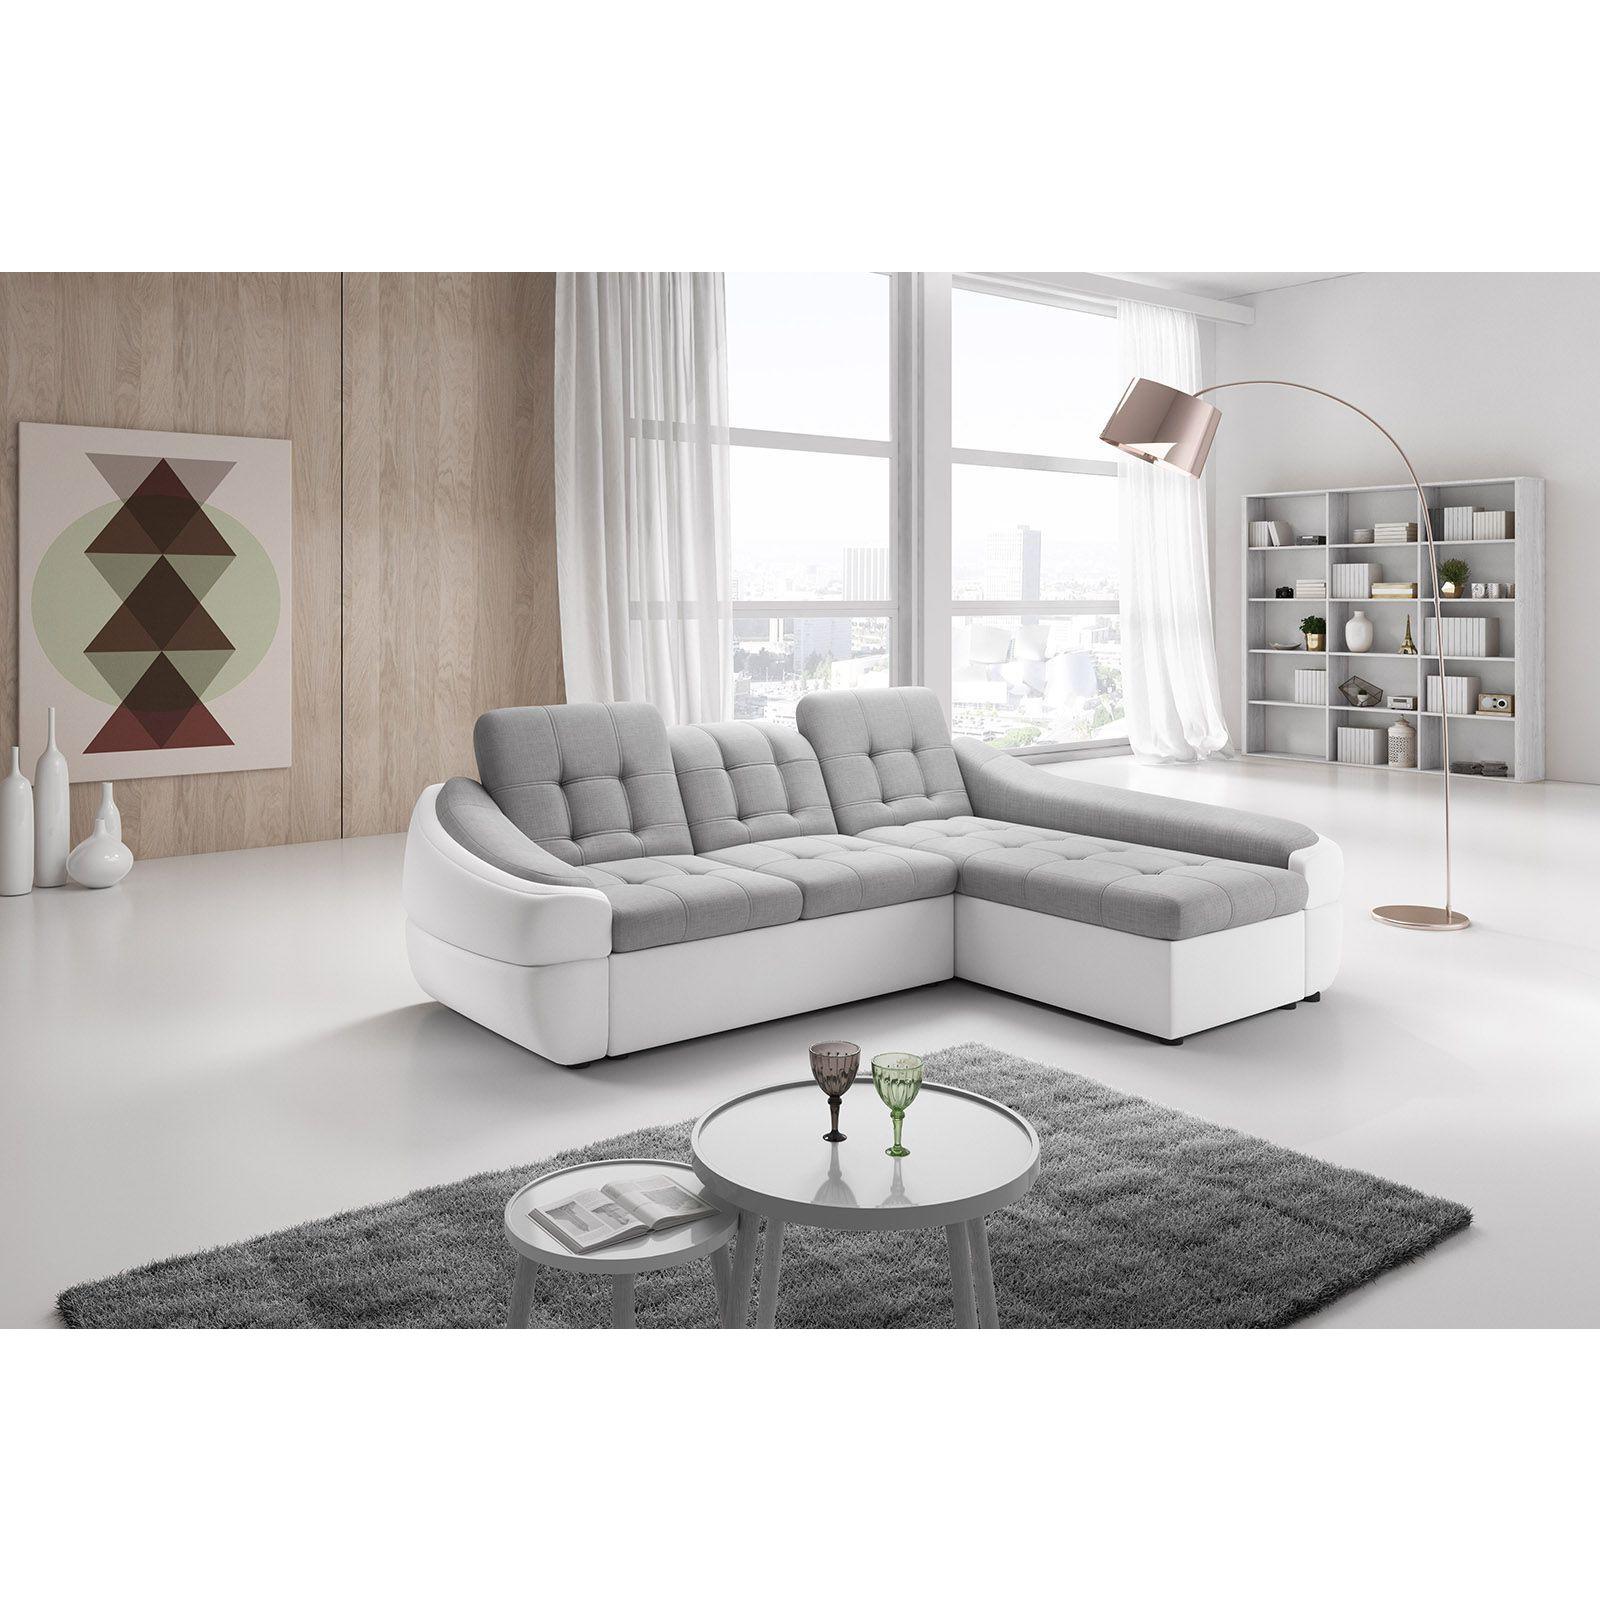 Salon Canapé design en tissu et simili cuir avec